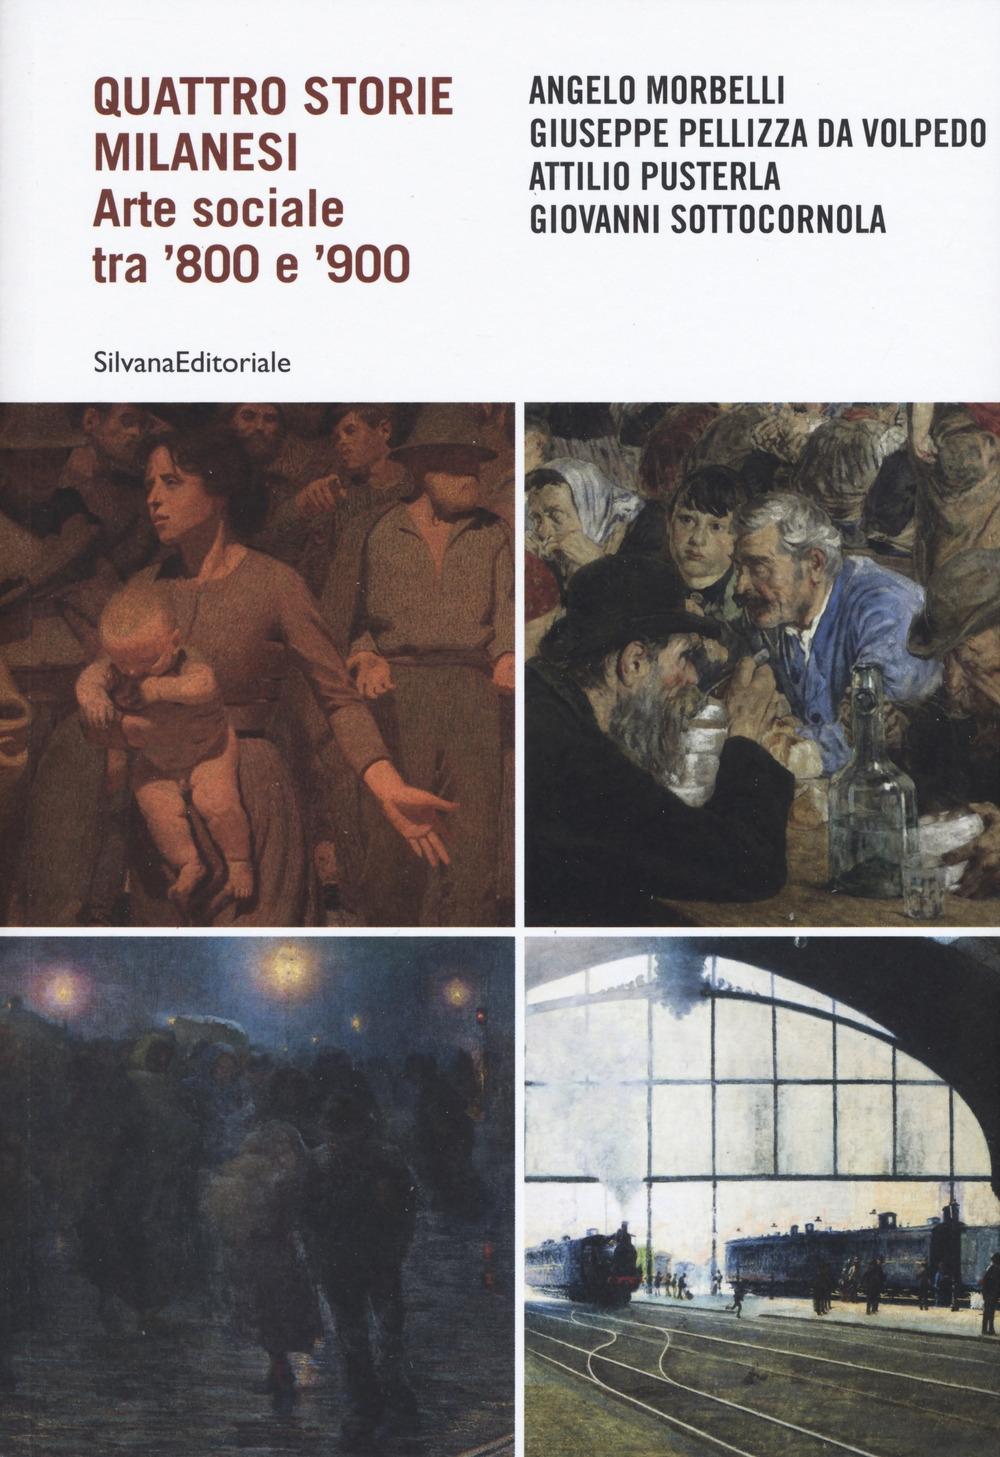 Quattro storie milanesi. Arte sociale tra '800 e '900. Morbelli, Pellizza da Volpedo, Pusterla, Sottocornola